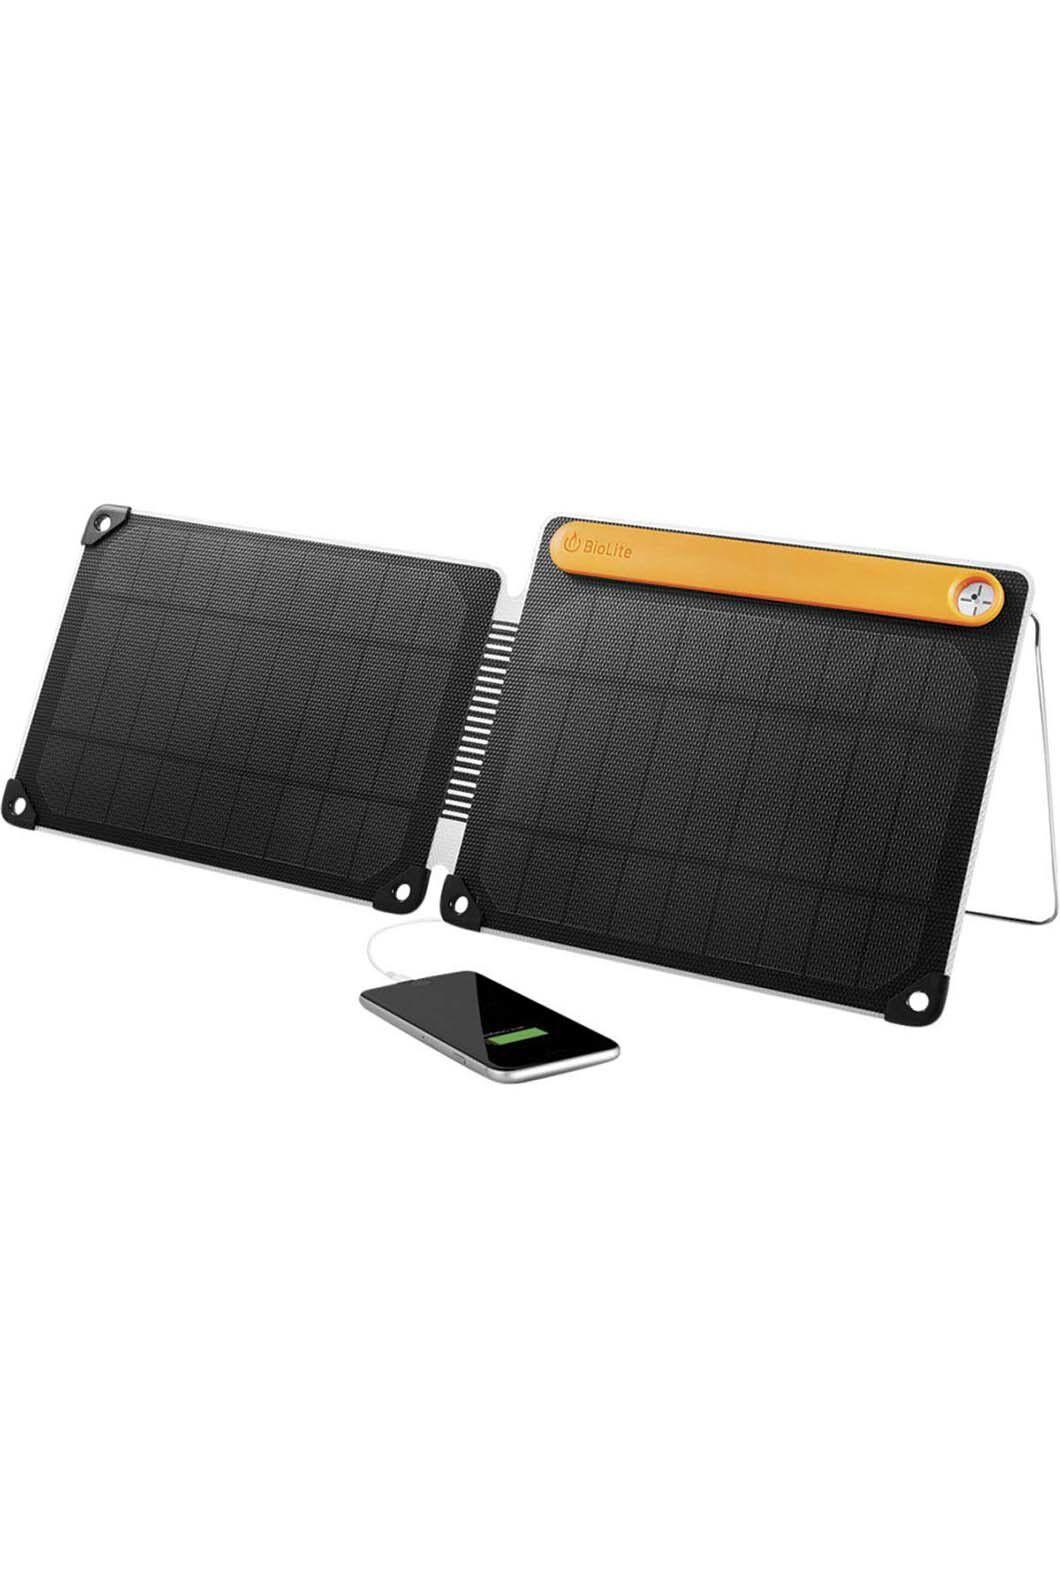 BioLite 5+ Solar Panel, None, hi-res